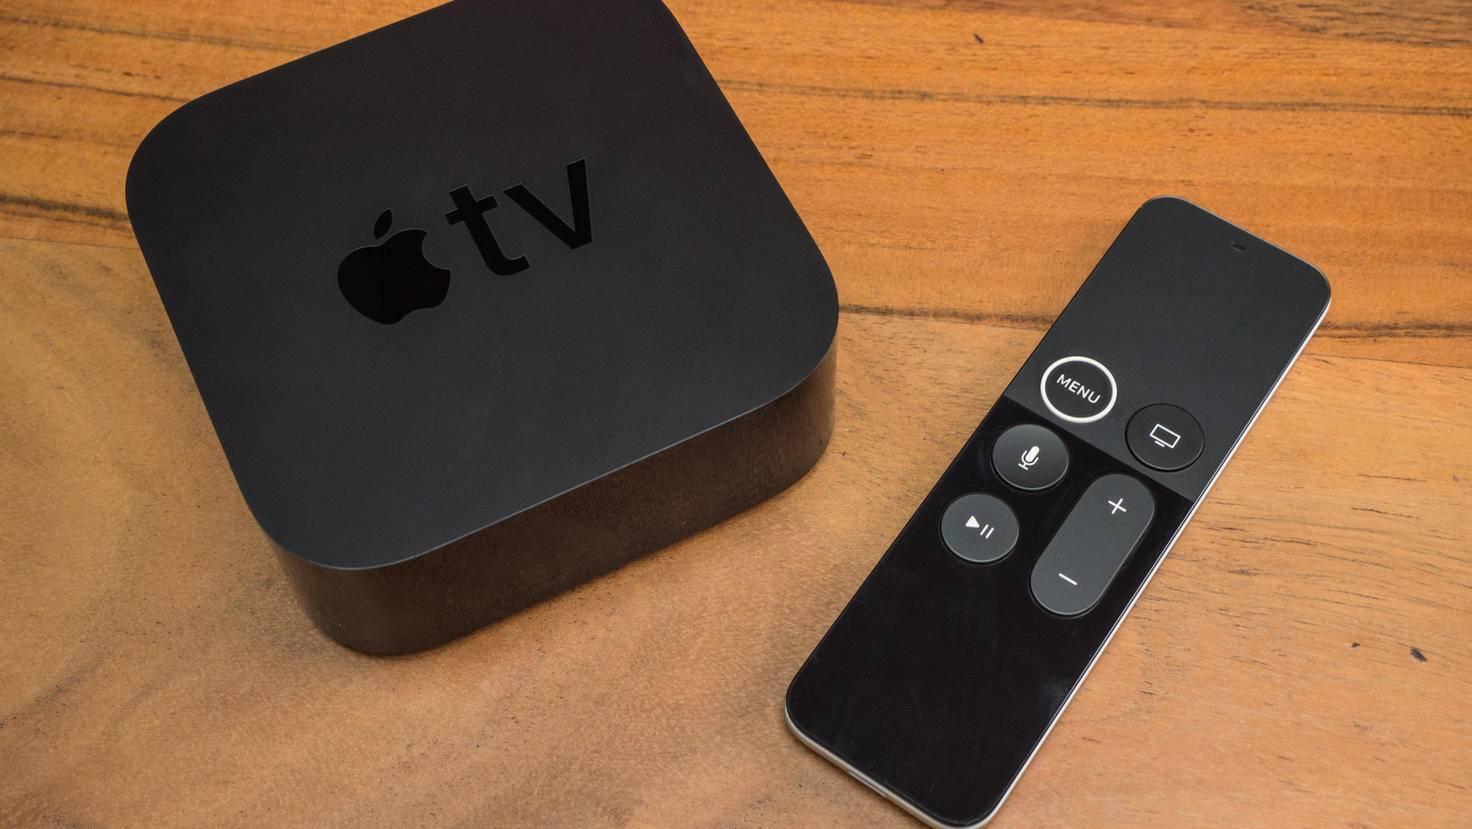 Über Deinen Apple TV kann die Sprache von Netflix-Content ebenfalls geändert werden.